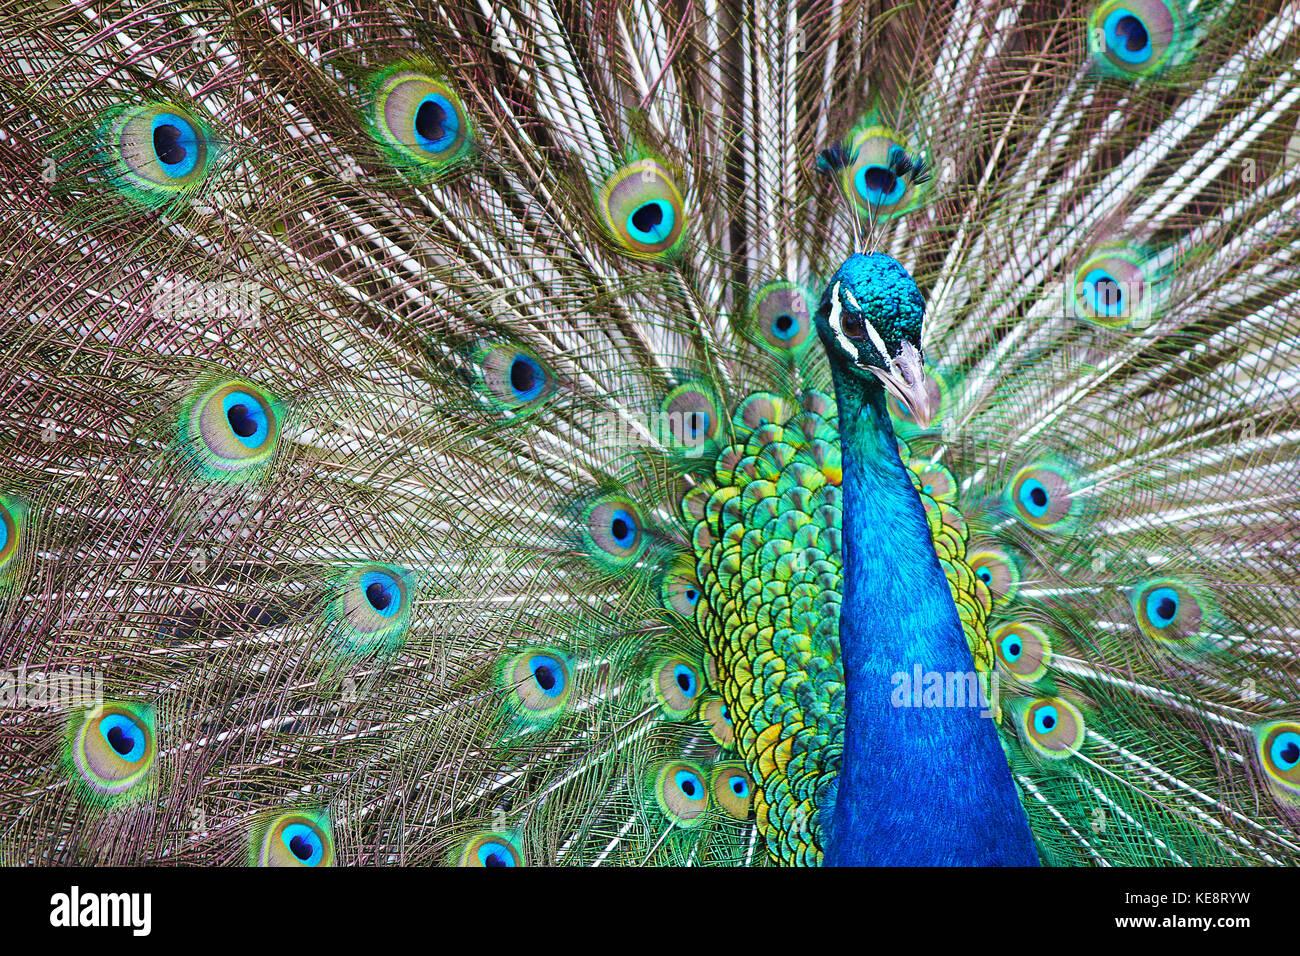 Peacock Herrlichkeit. Die spektakulären Federn des Pfaus - eine auffällige Vogel, scheint zu wissen, wie Stockbild